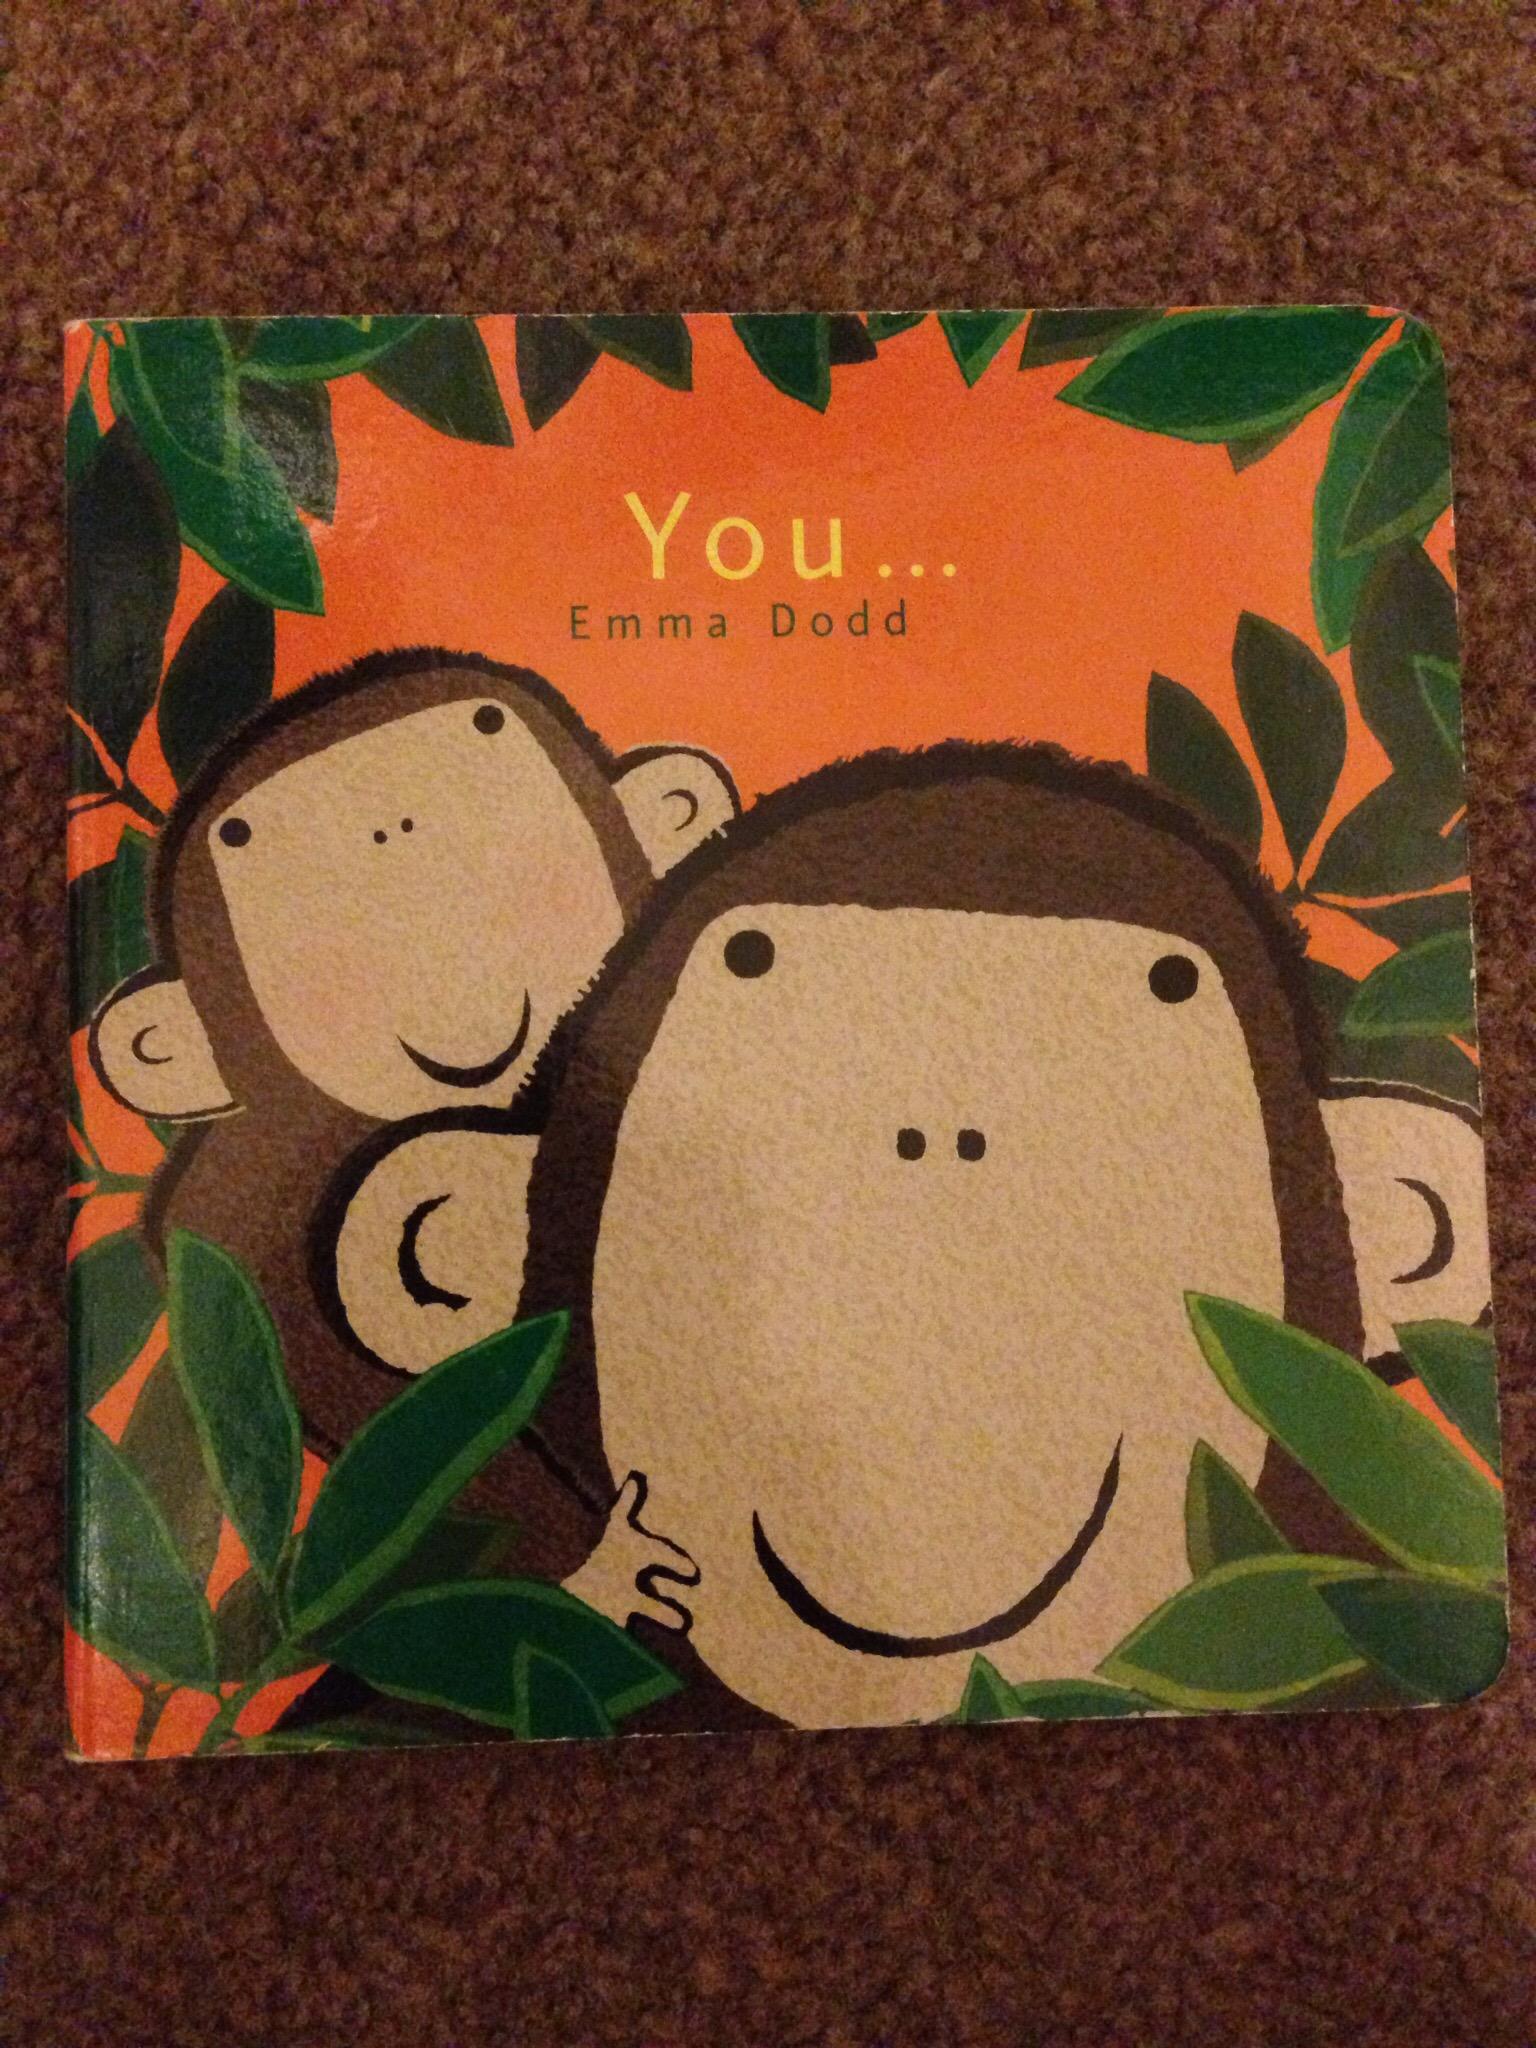 You by Emma Dodd